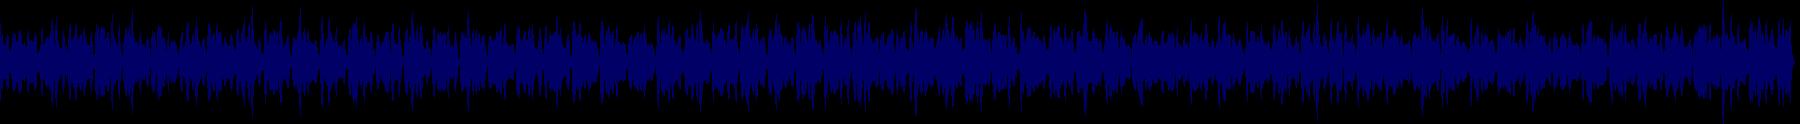 waveform of track #69791